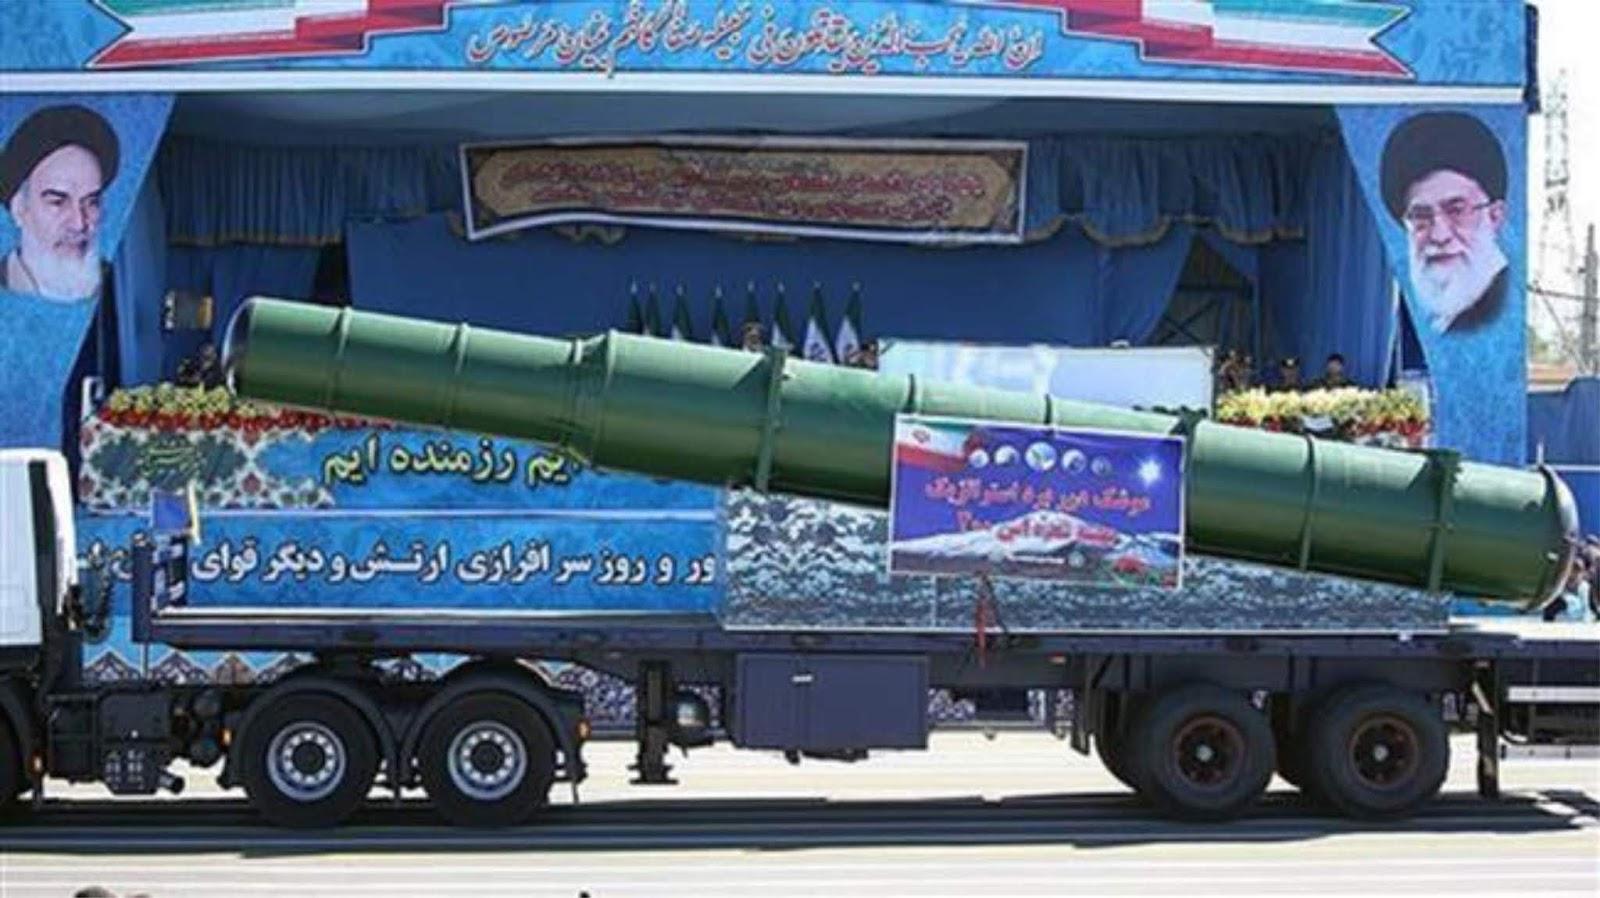 S-300 Versi Iran sendiri lebih tepat daripada milik Rusia